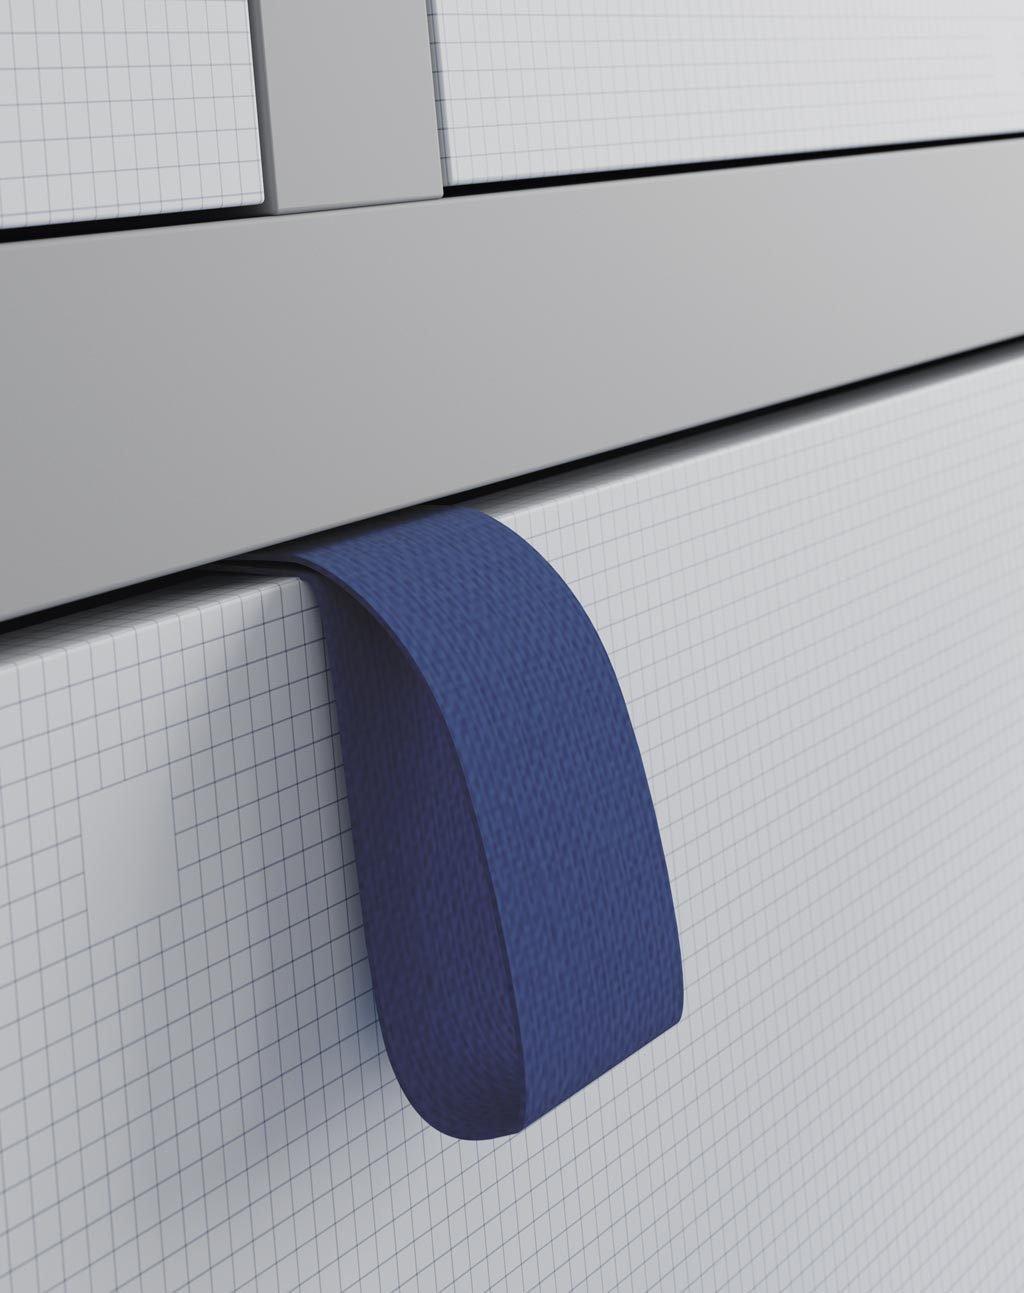 Detalle de la cinta tirador para abrir la cama abatible con comodidad